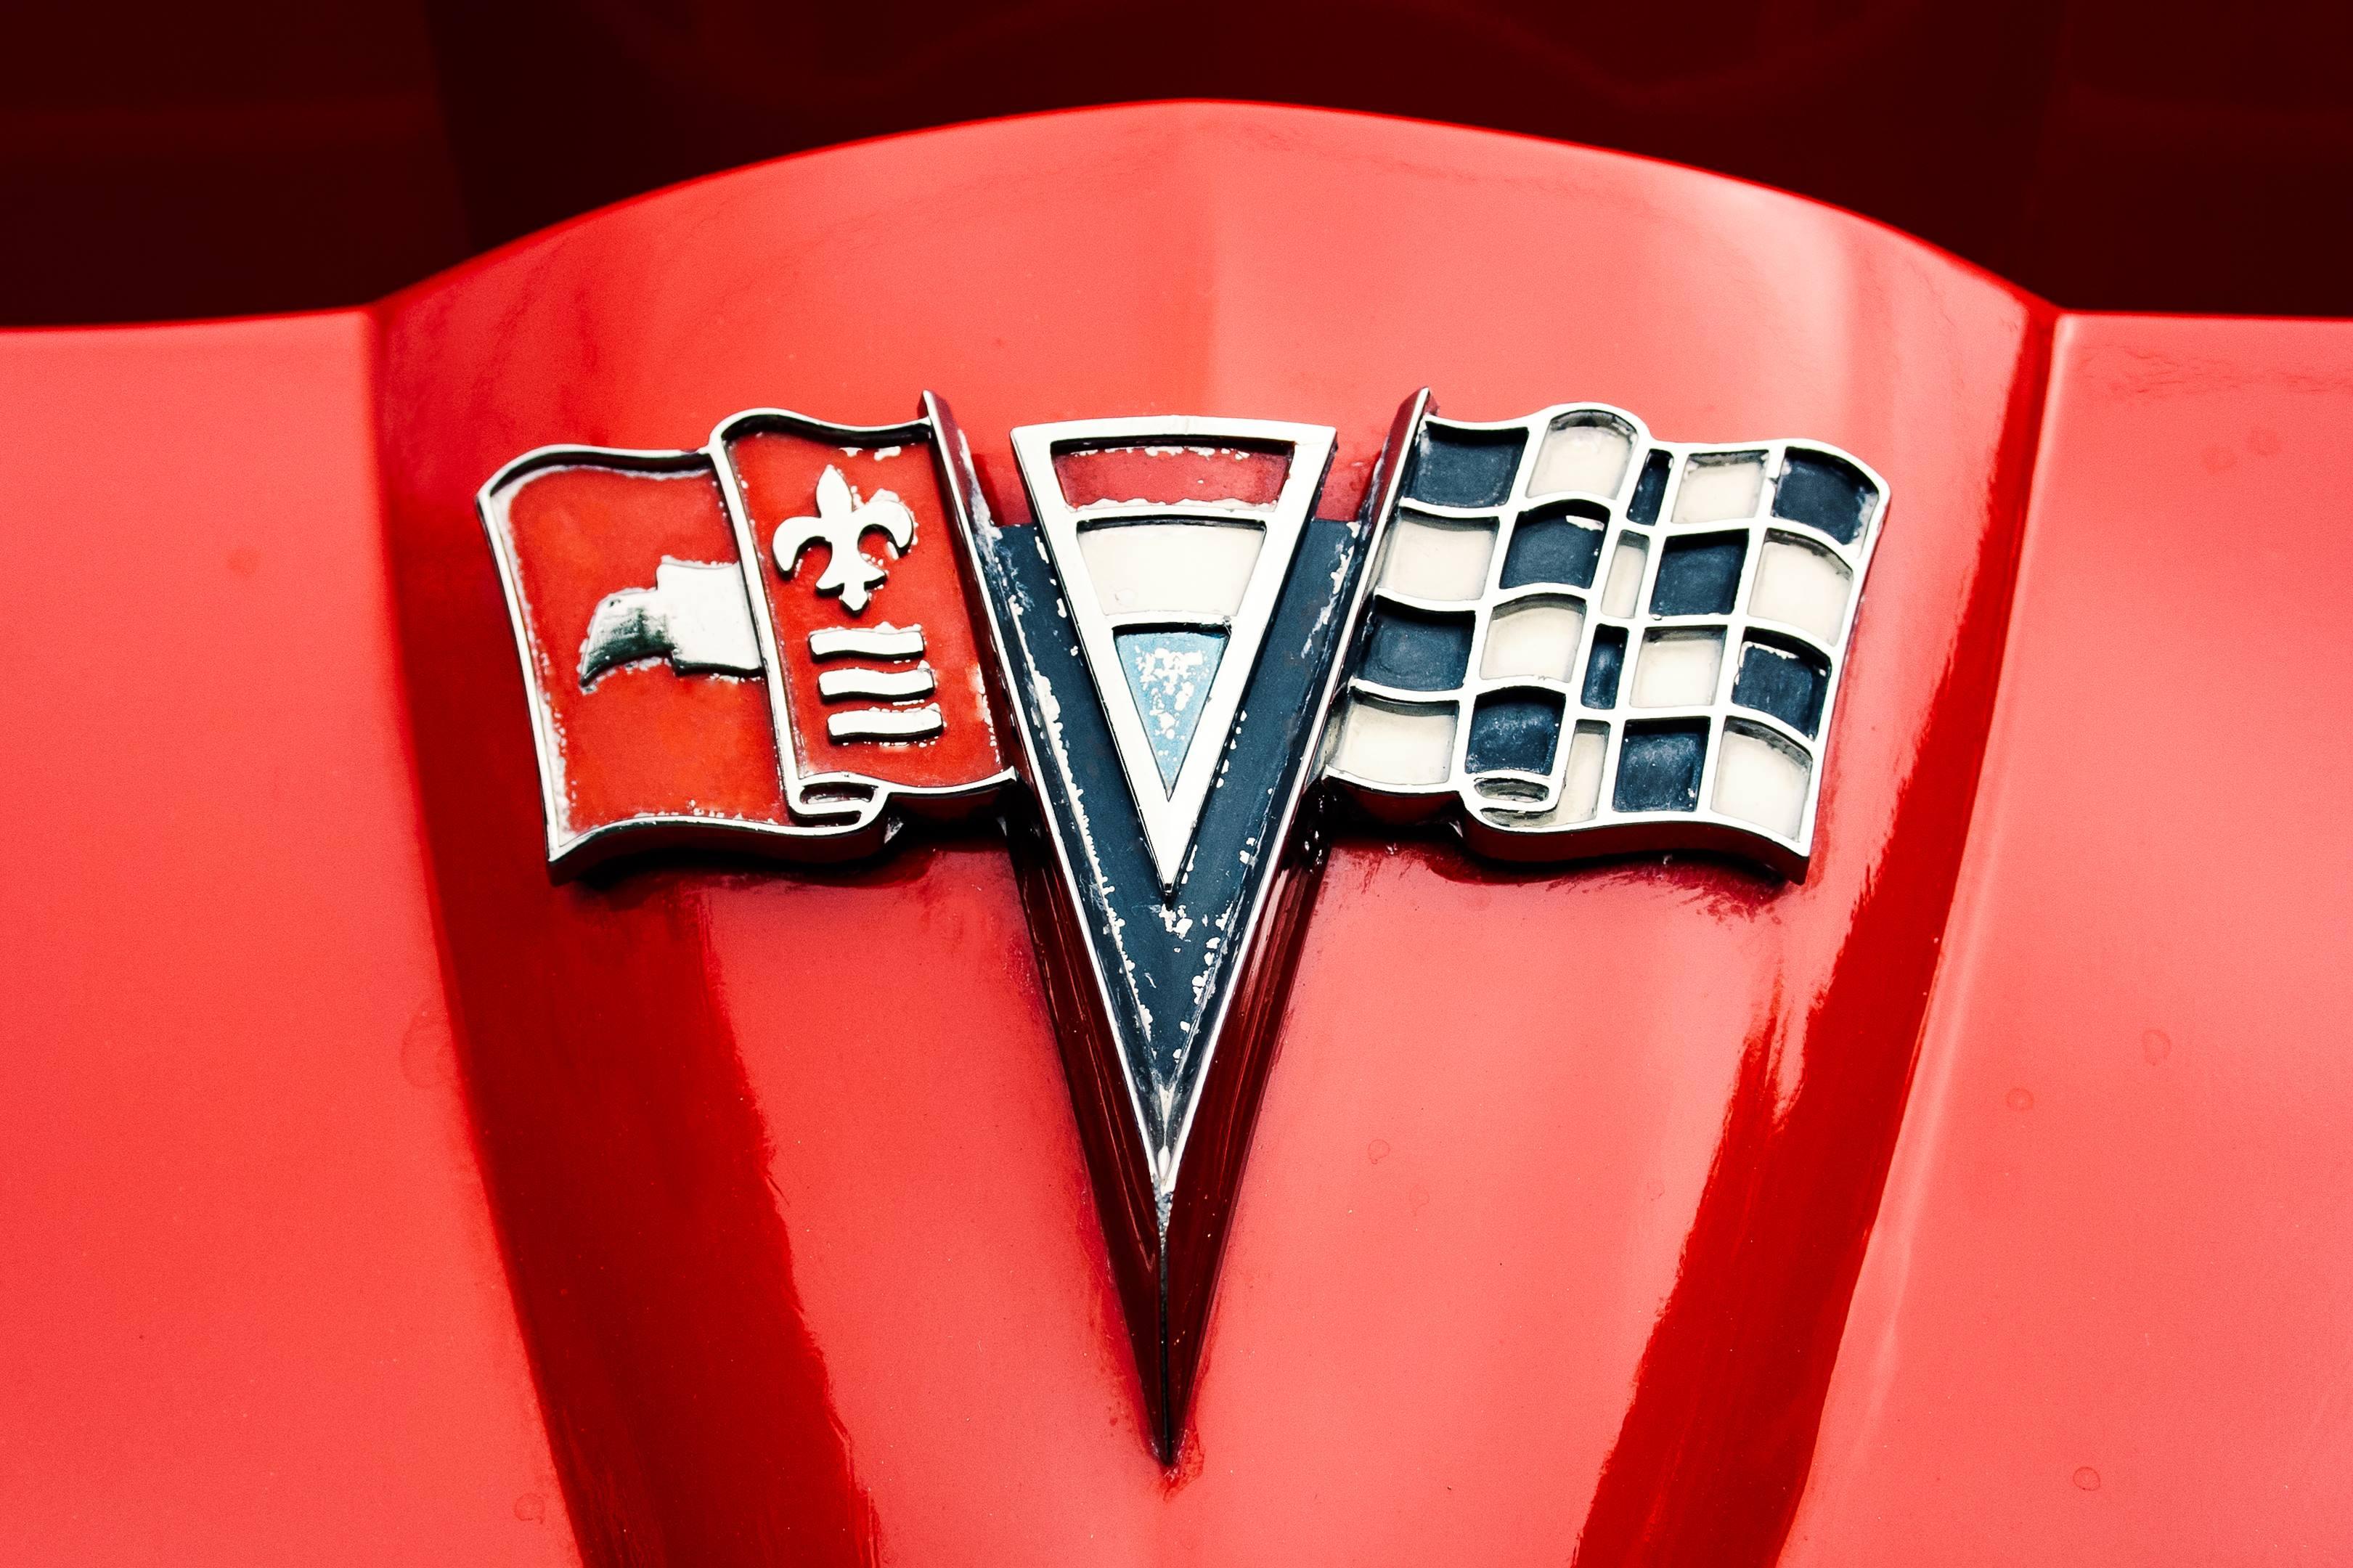 Chevrolet Corvette badge